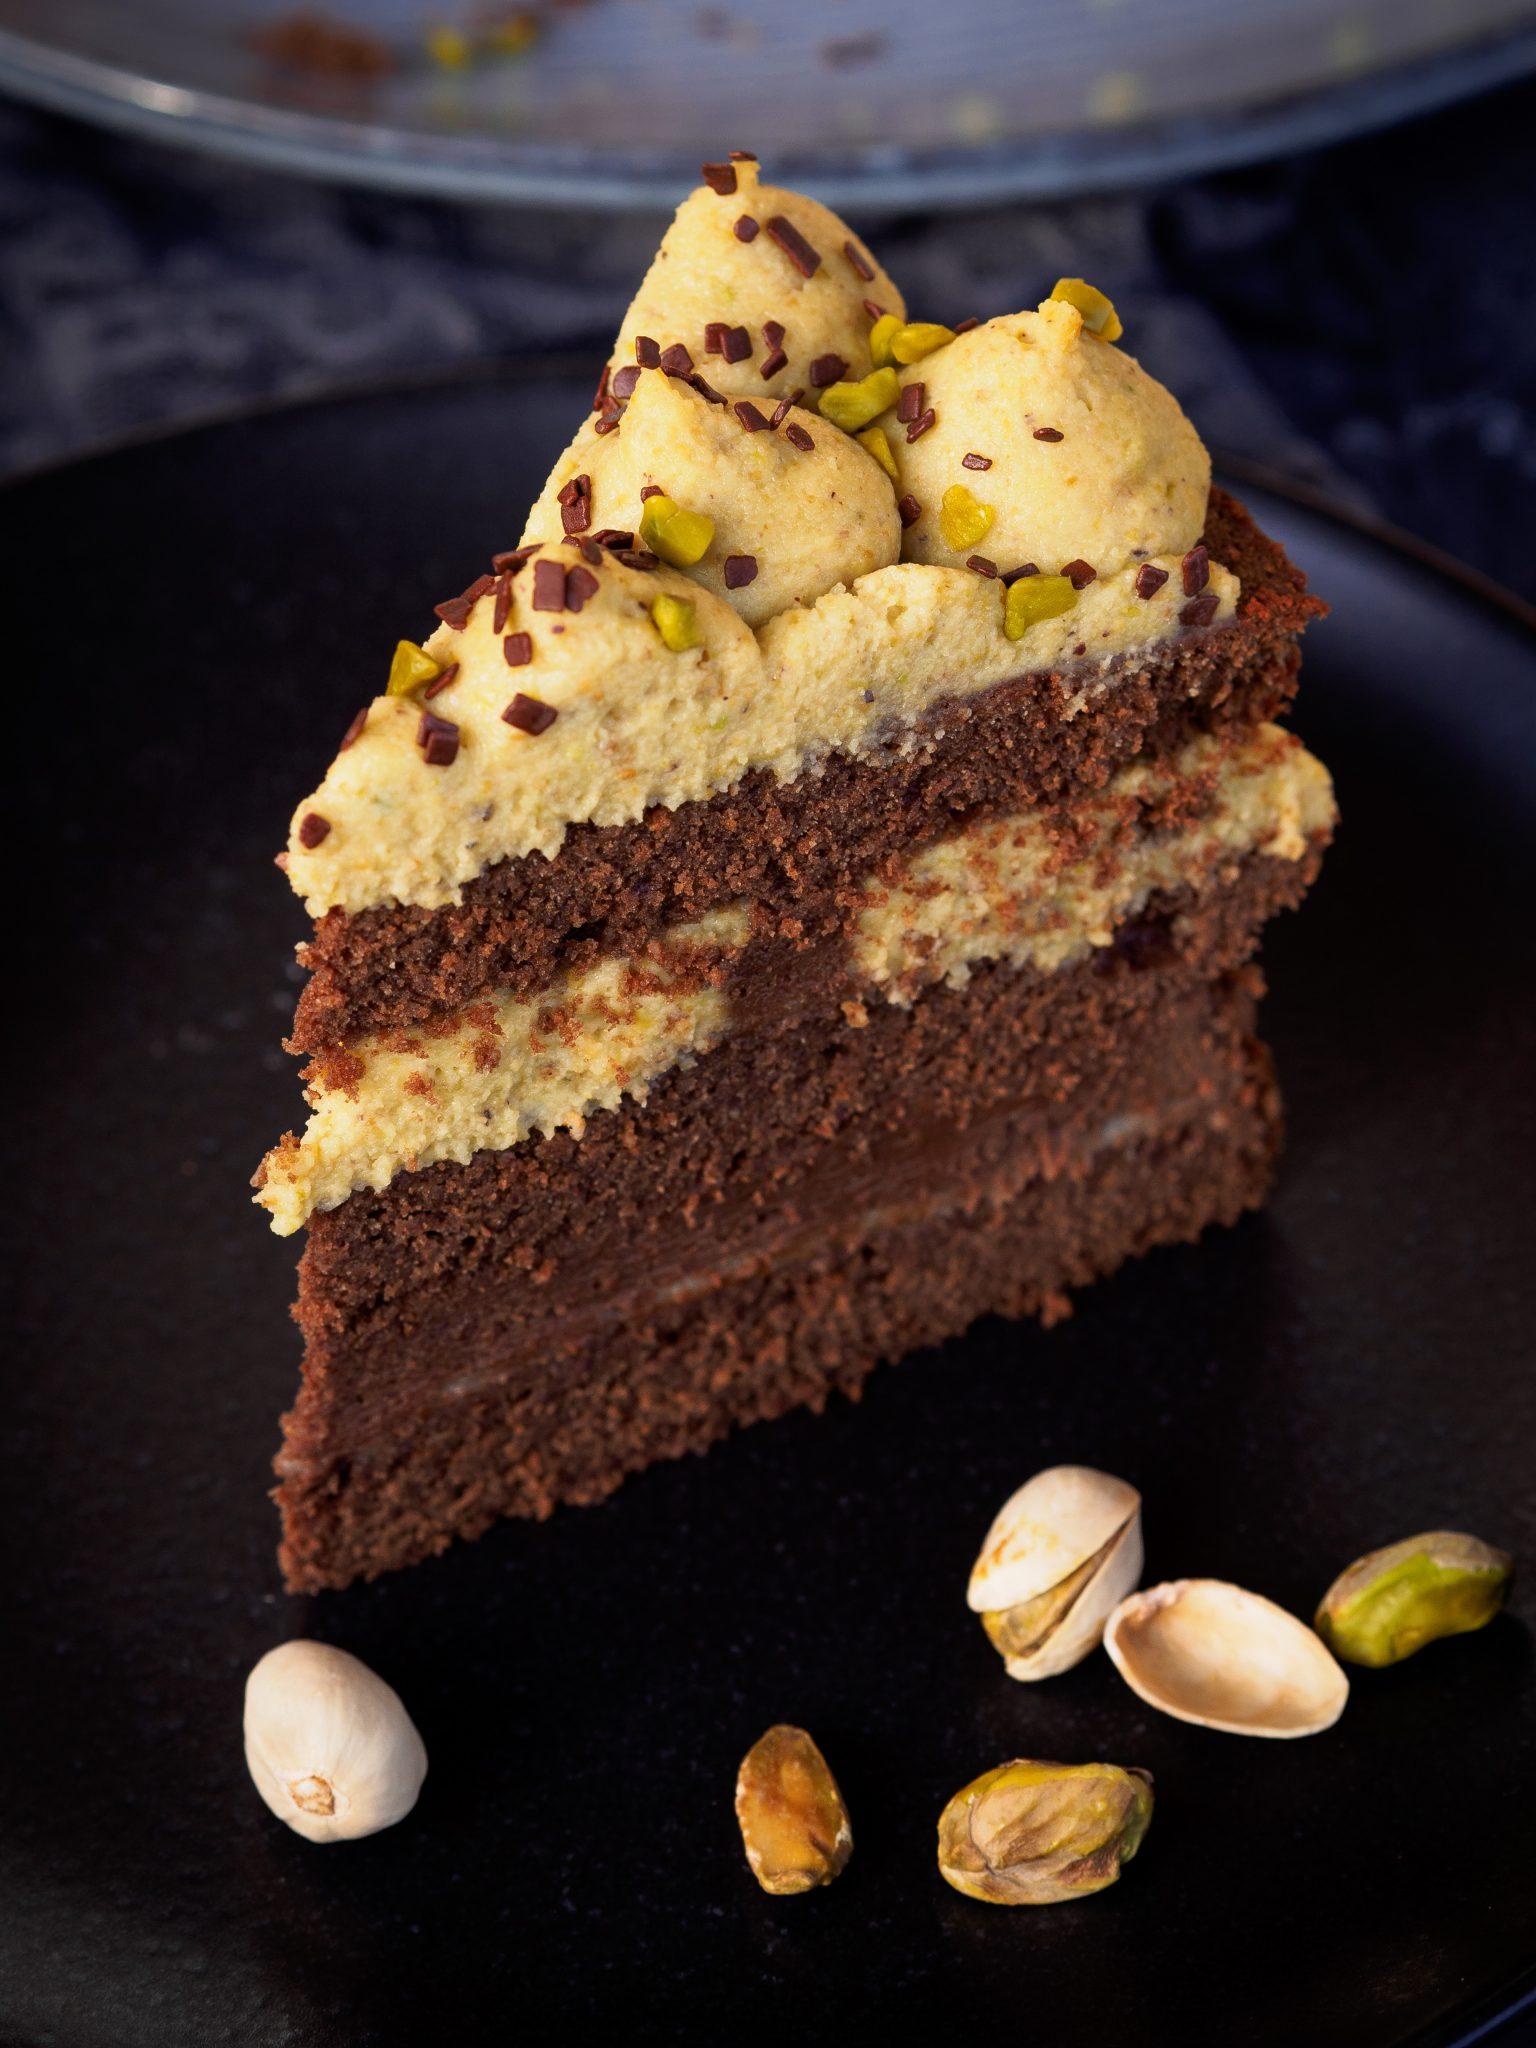 Schokoladentorte mit Marzipan, Nougat und Pistazien